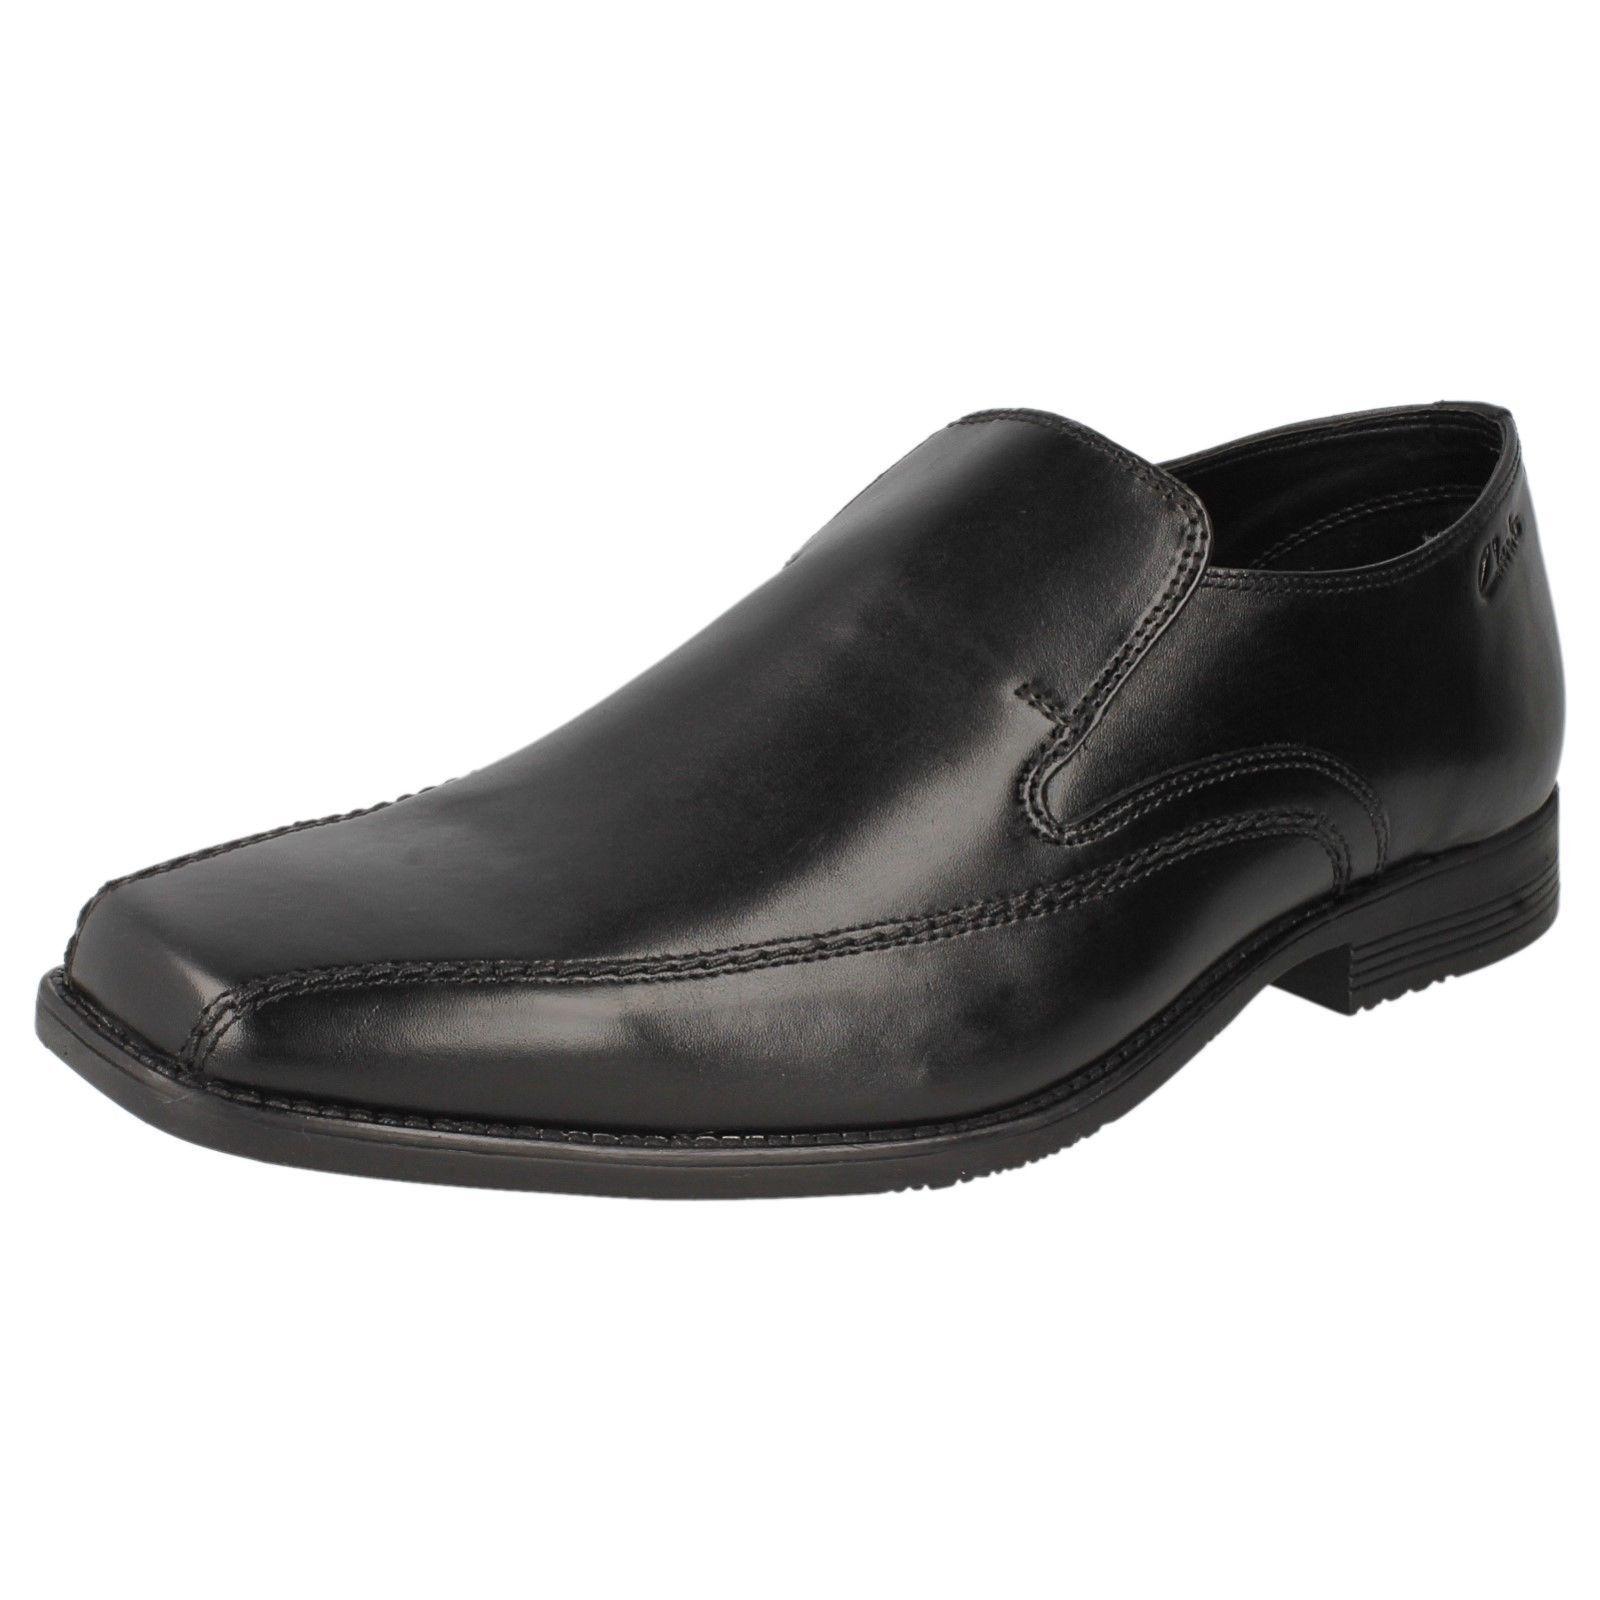 Clarks Acre Out Uomo Nero Pelle Scarpe Slip-on Raccordo G (38B) (Kett) Scarpe classiche da uomo